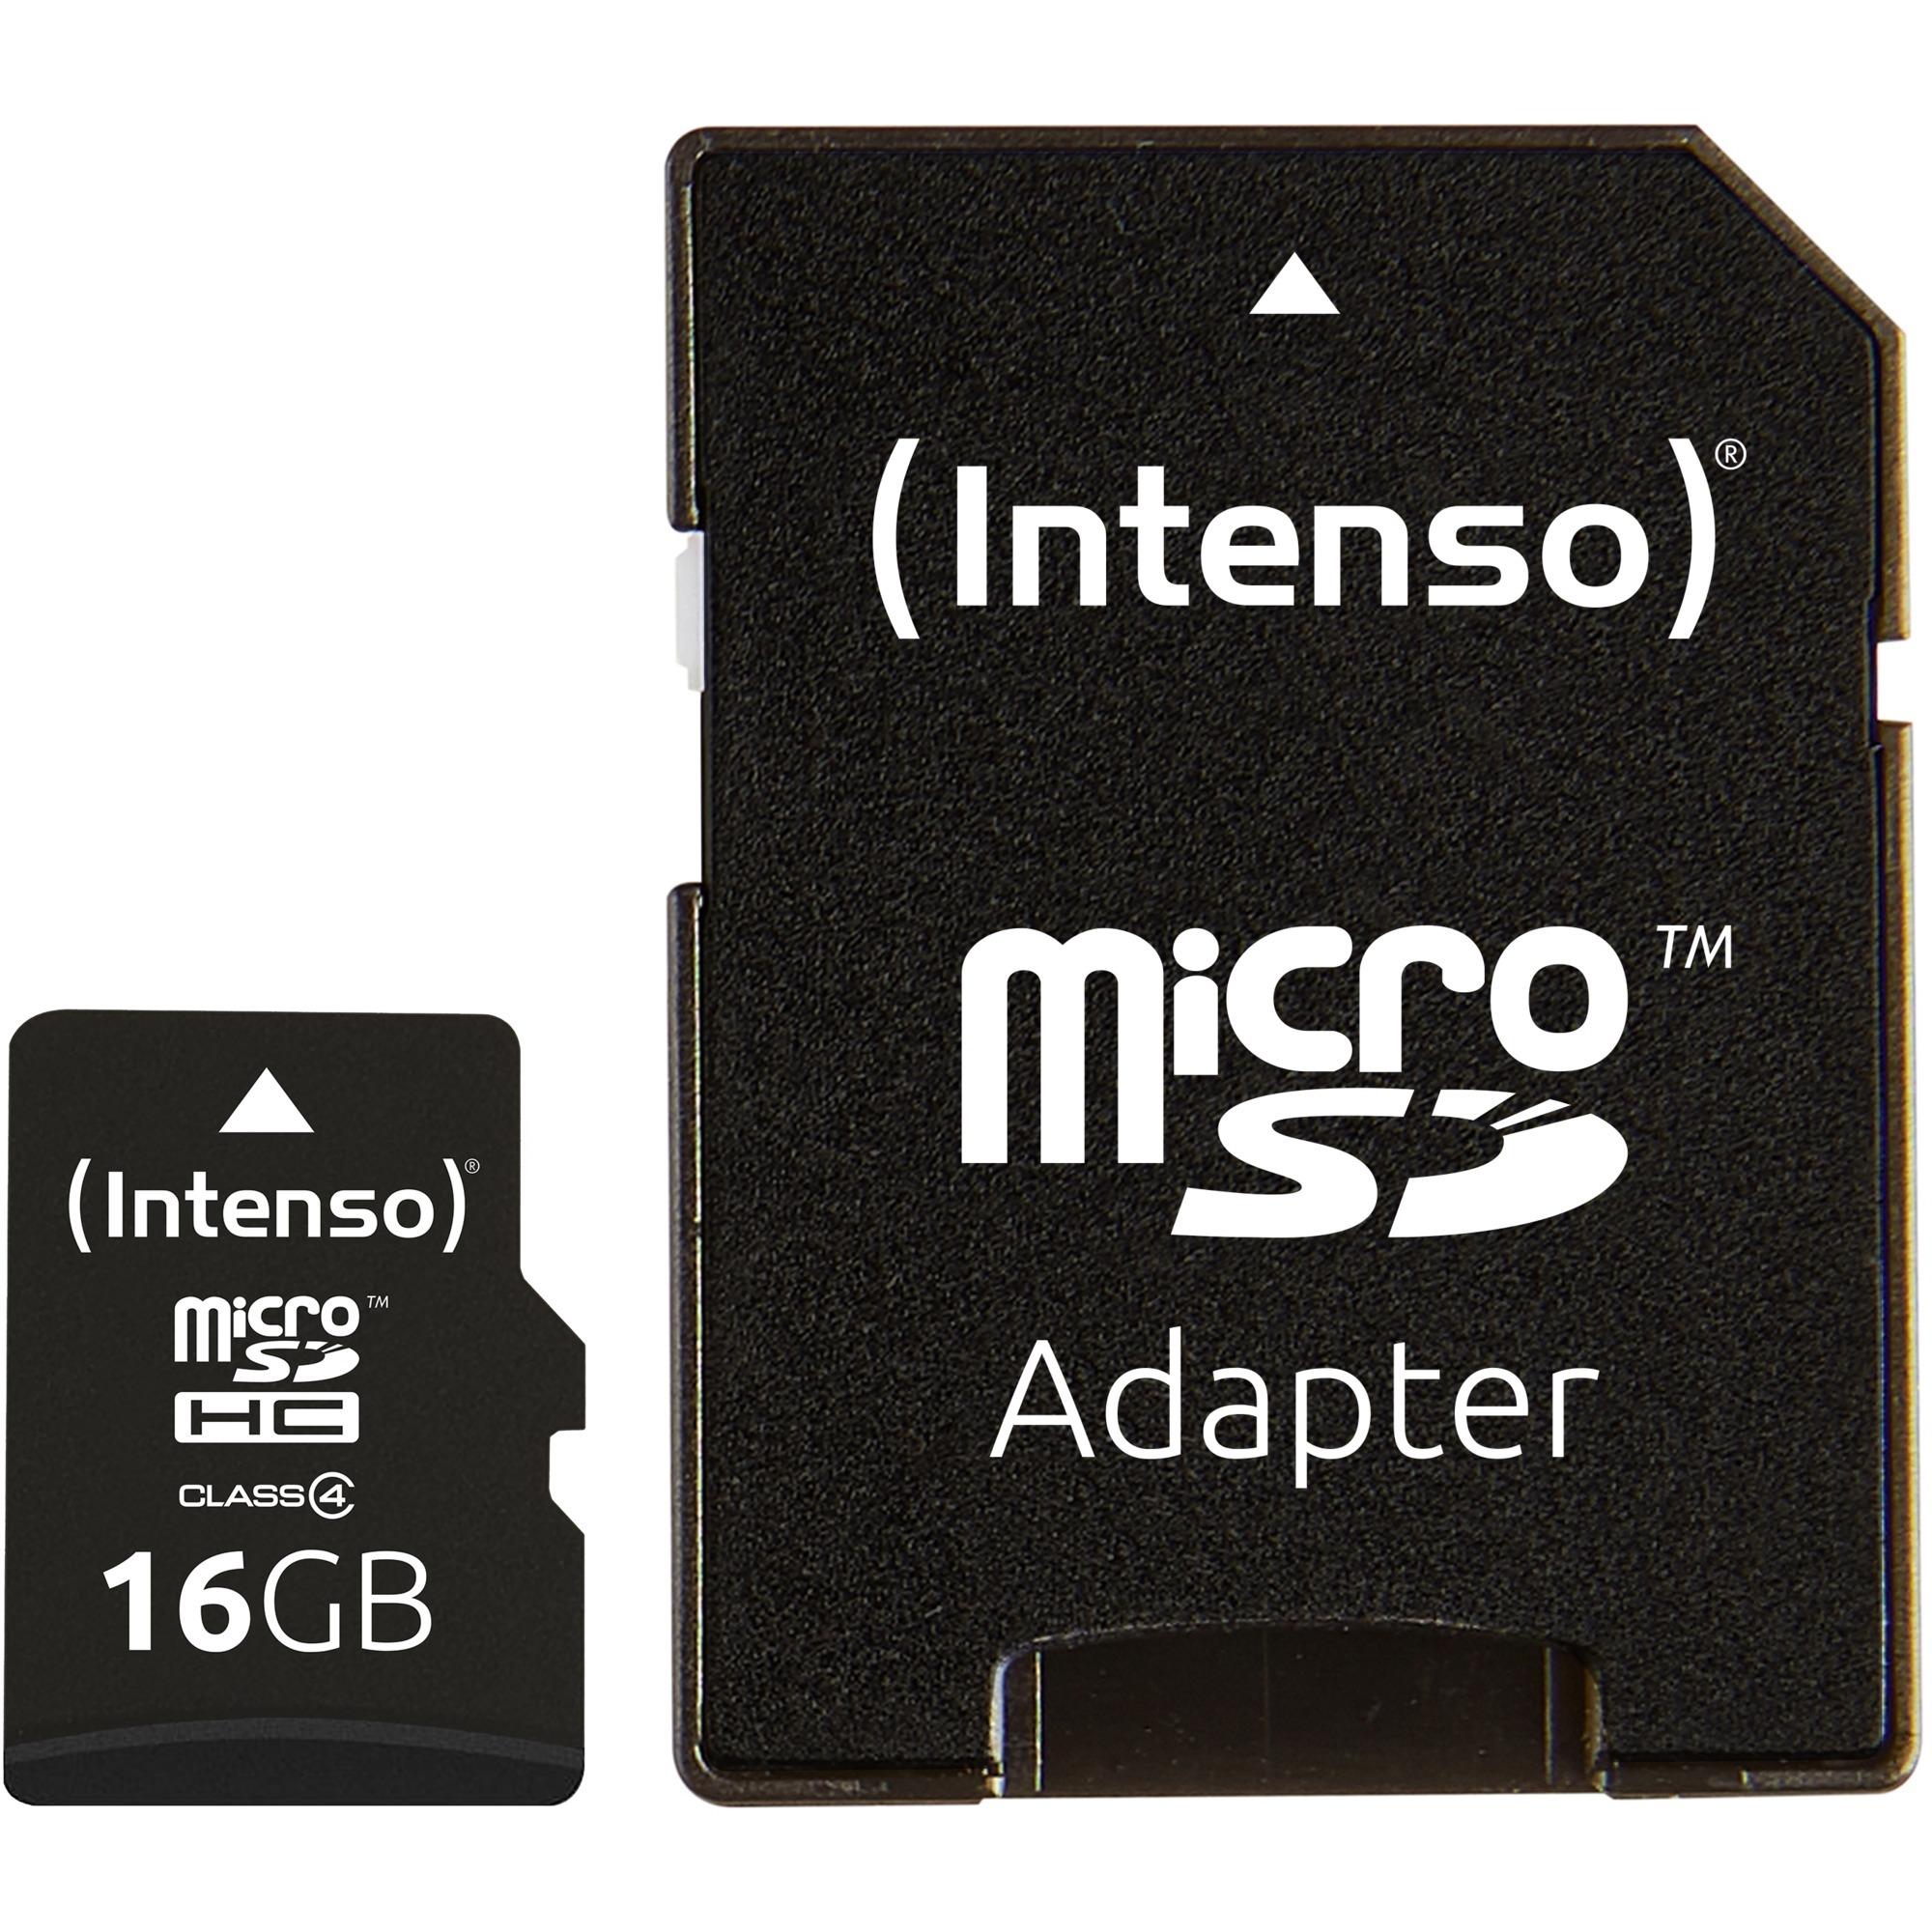 16GB Micro SDHC Class 4 memoria flash MicroSDHC Clase 4, Tarjeta de memoria